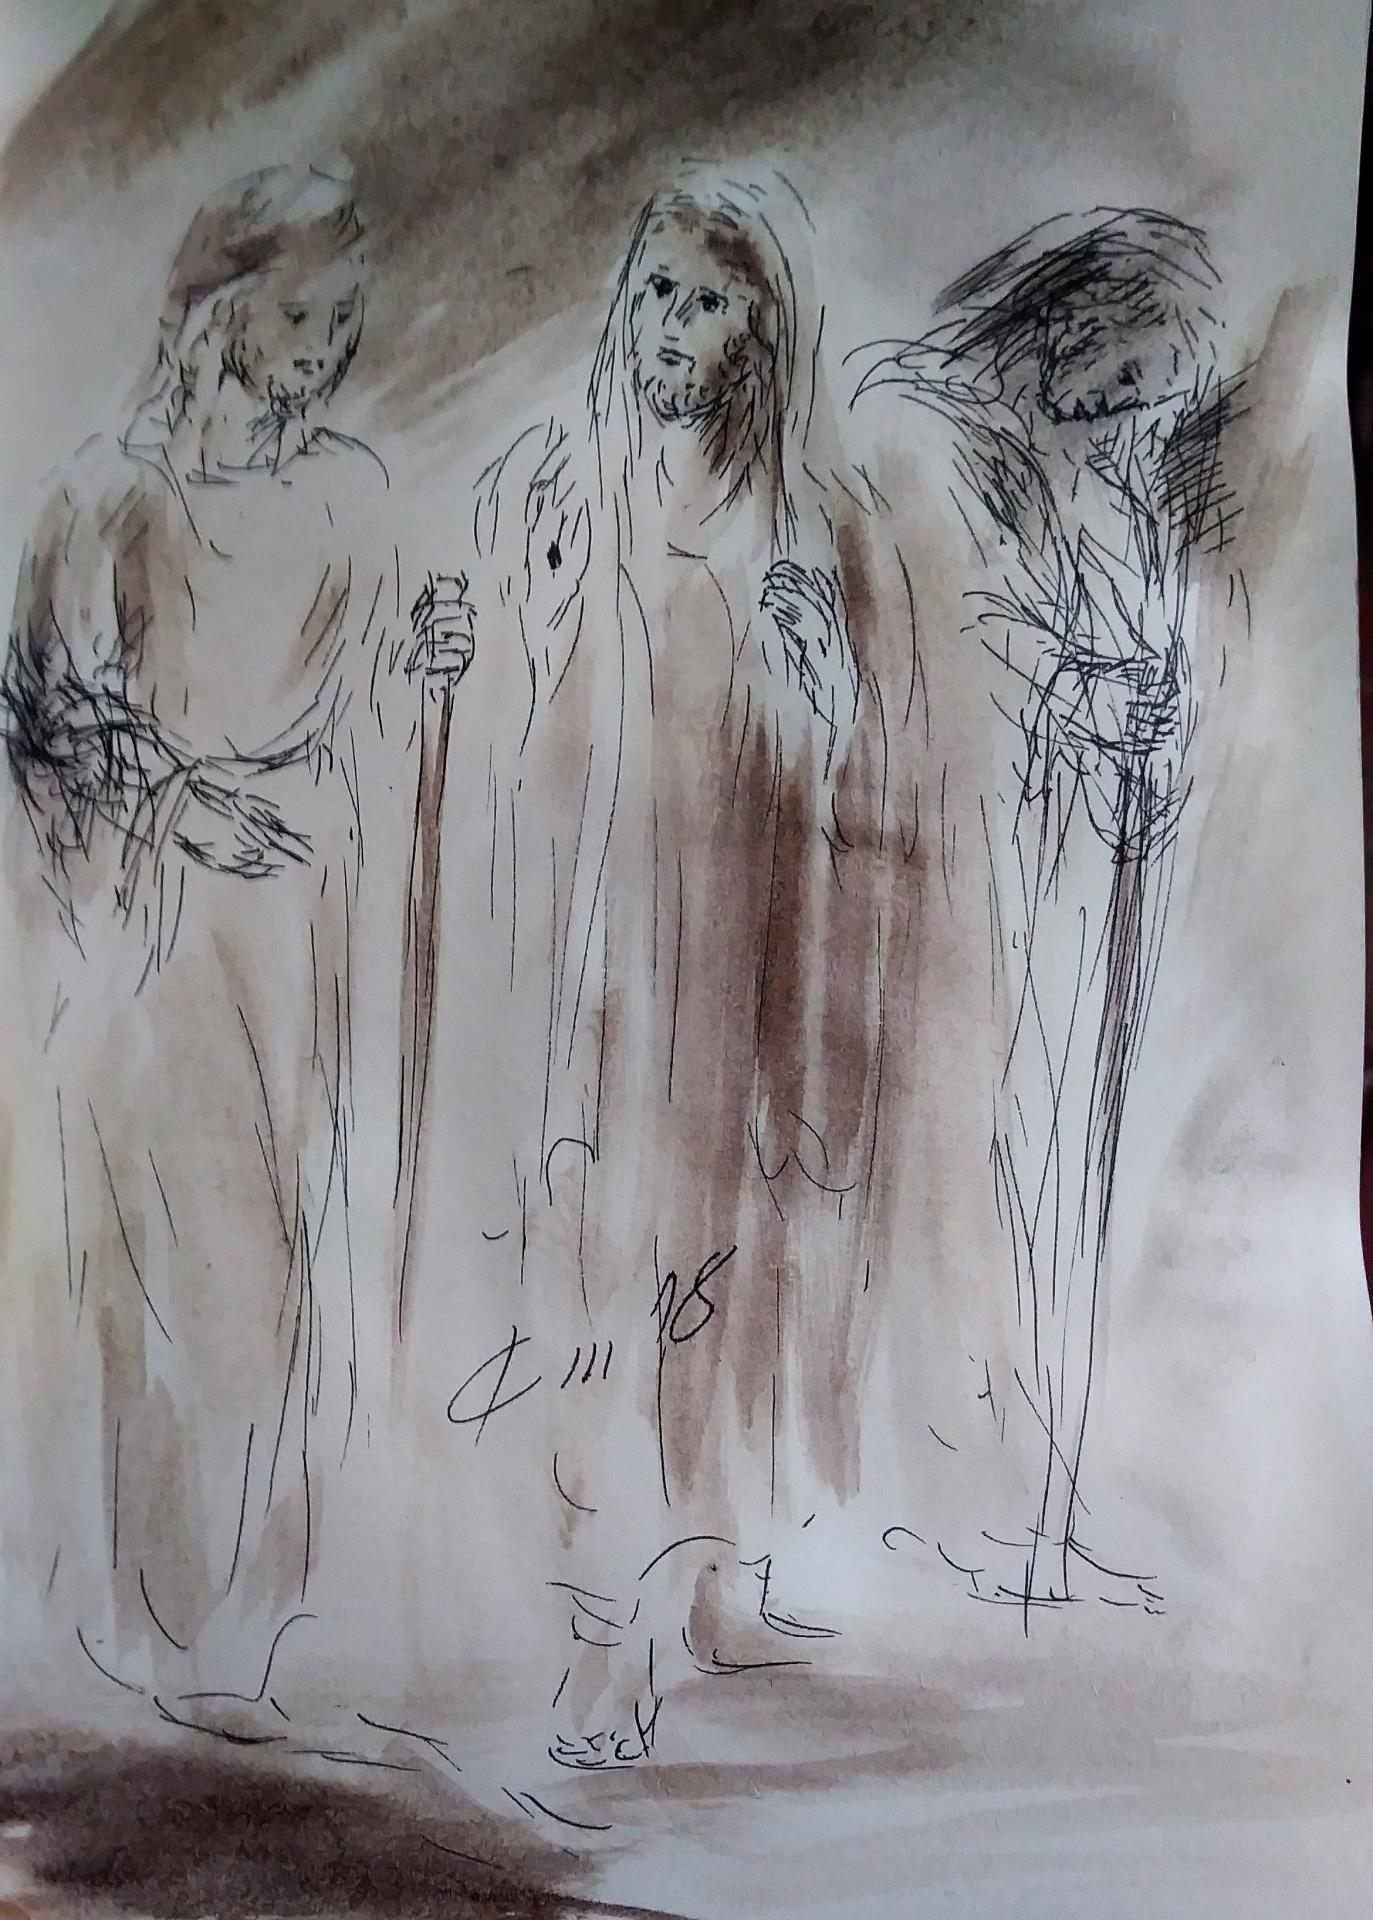 4 Avril 2018, évangile du jour illustré par un dessin au lavis